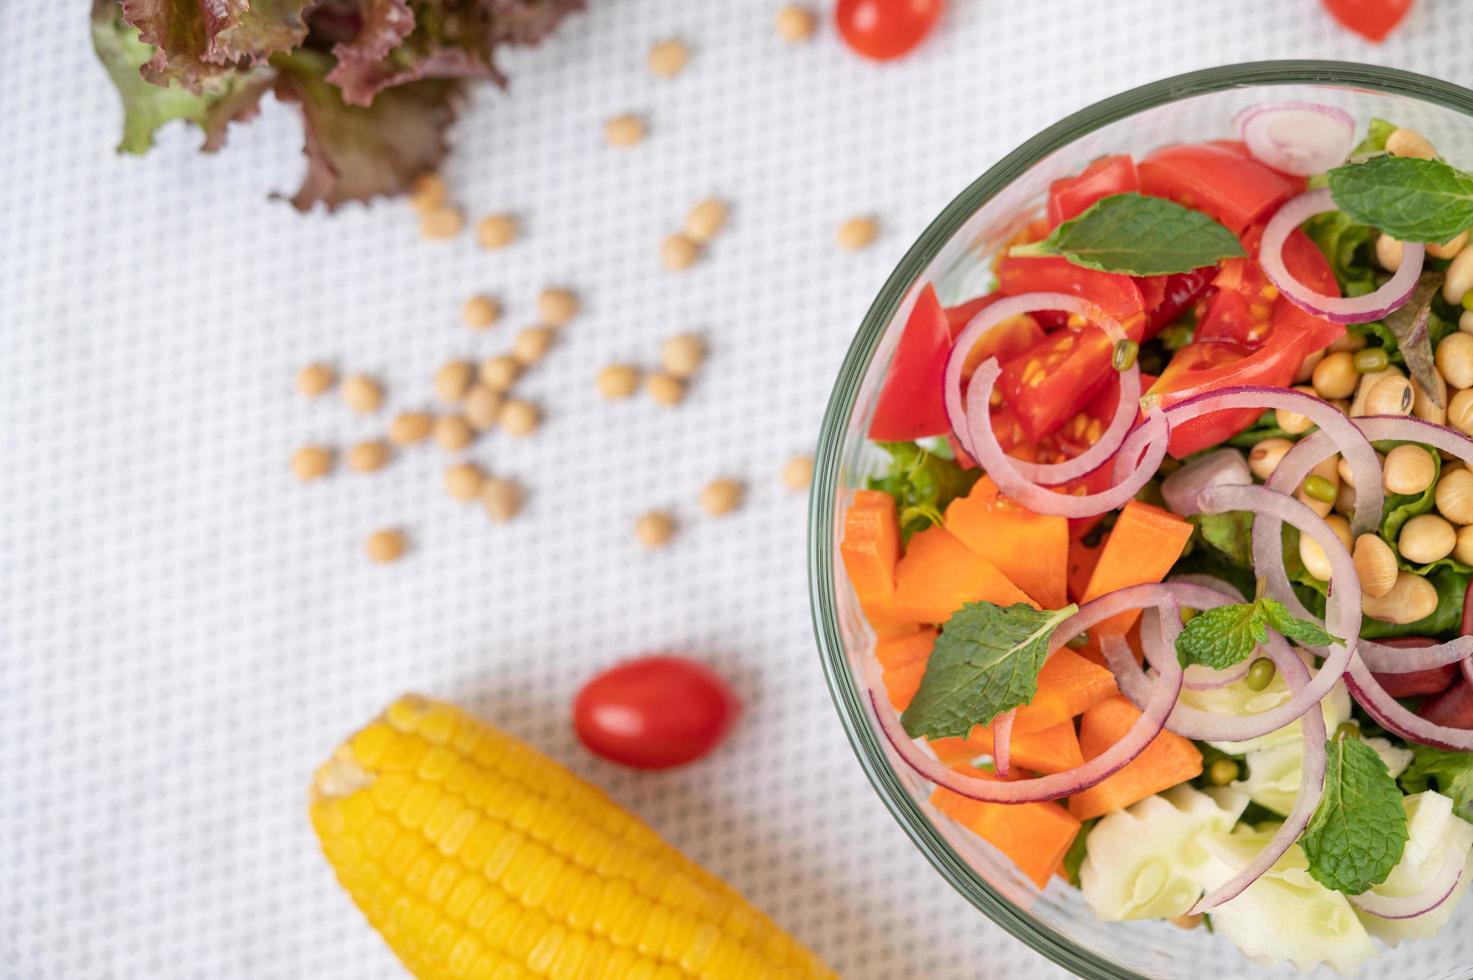 Ensalada de frutas y verduras frescas en un recipiente de vidrio foto